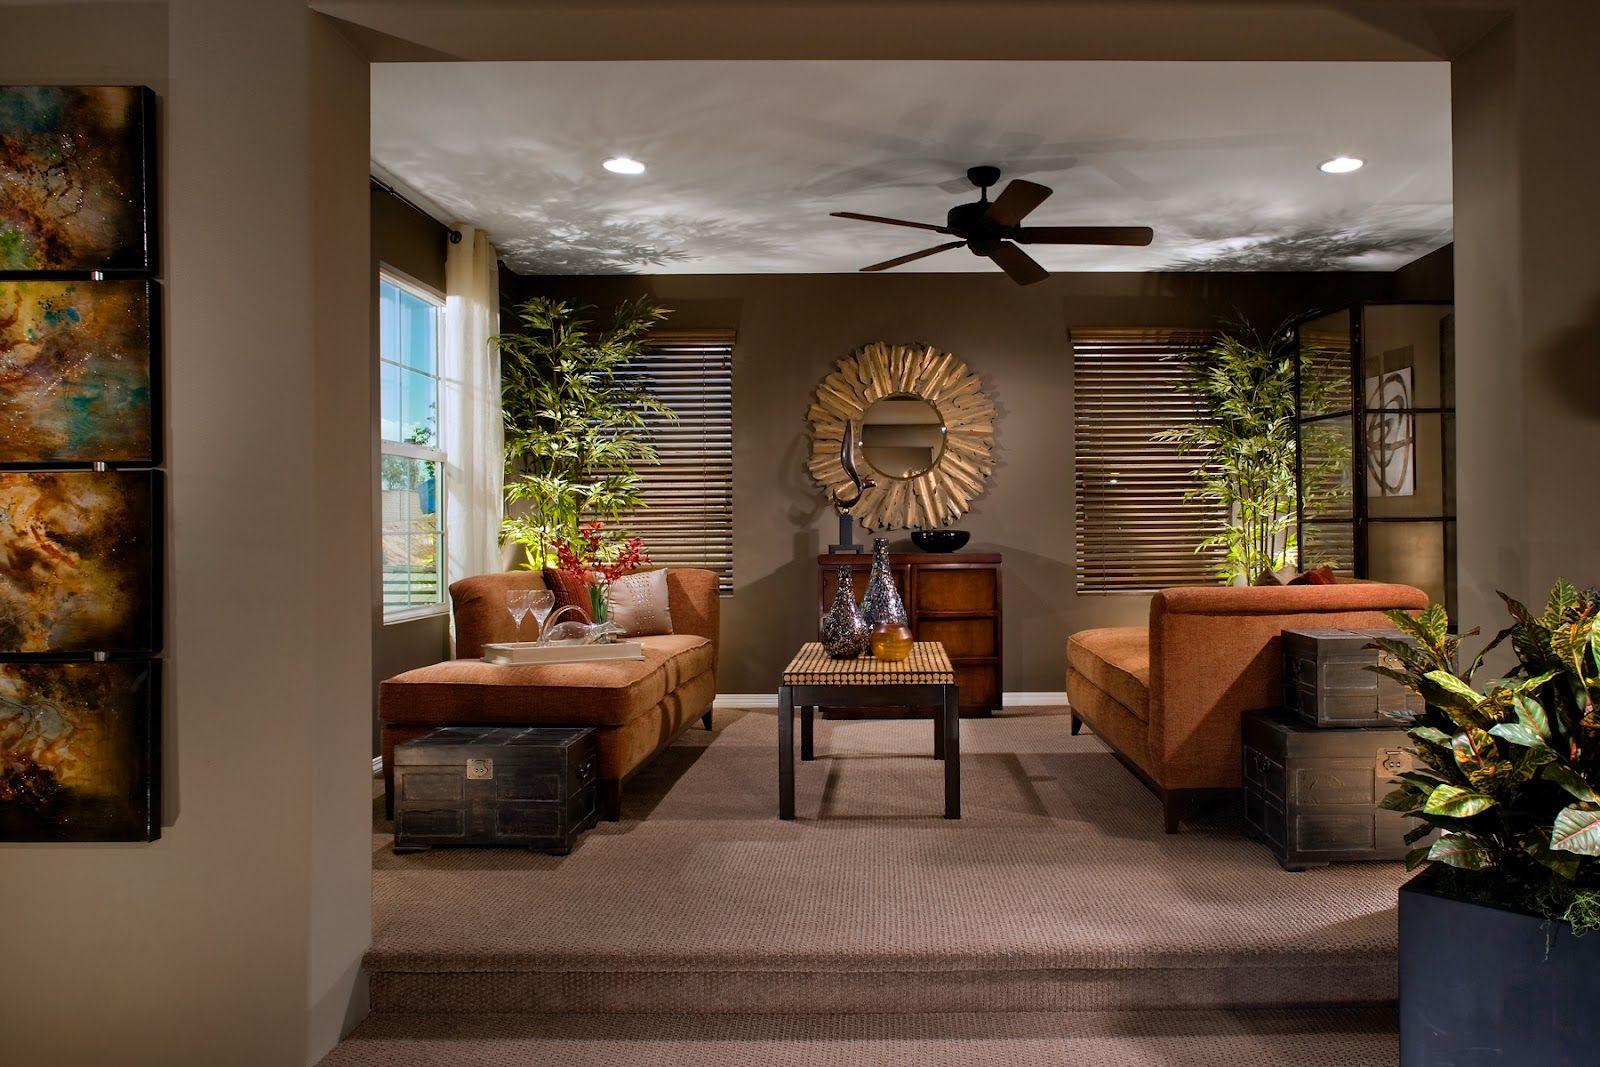 Wohnzimmer Orange ~ Bildergebnis für wohnzimmer orange beige braun wohnung